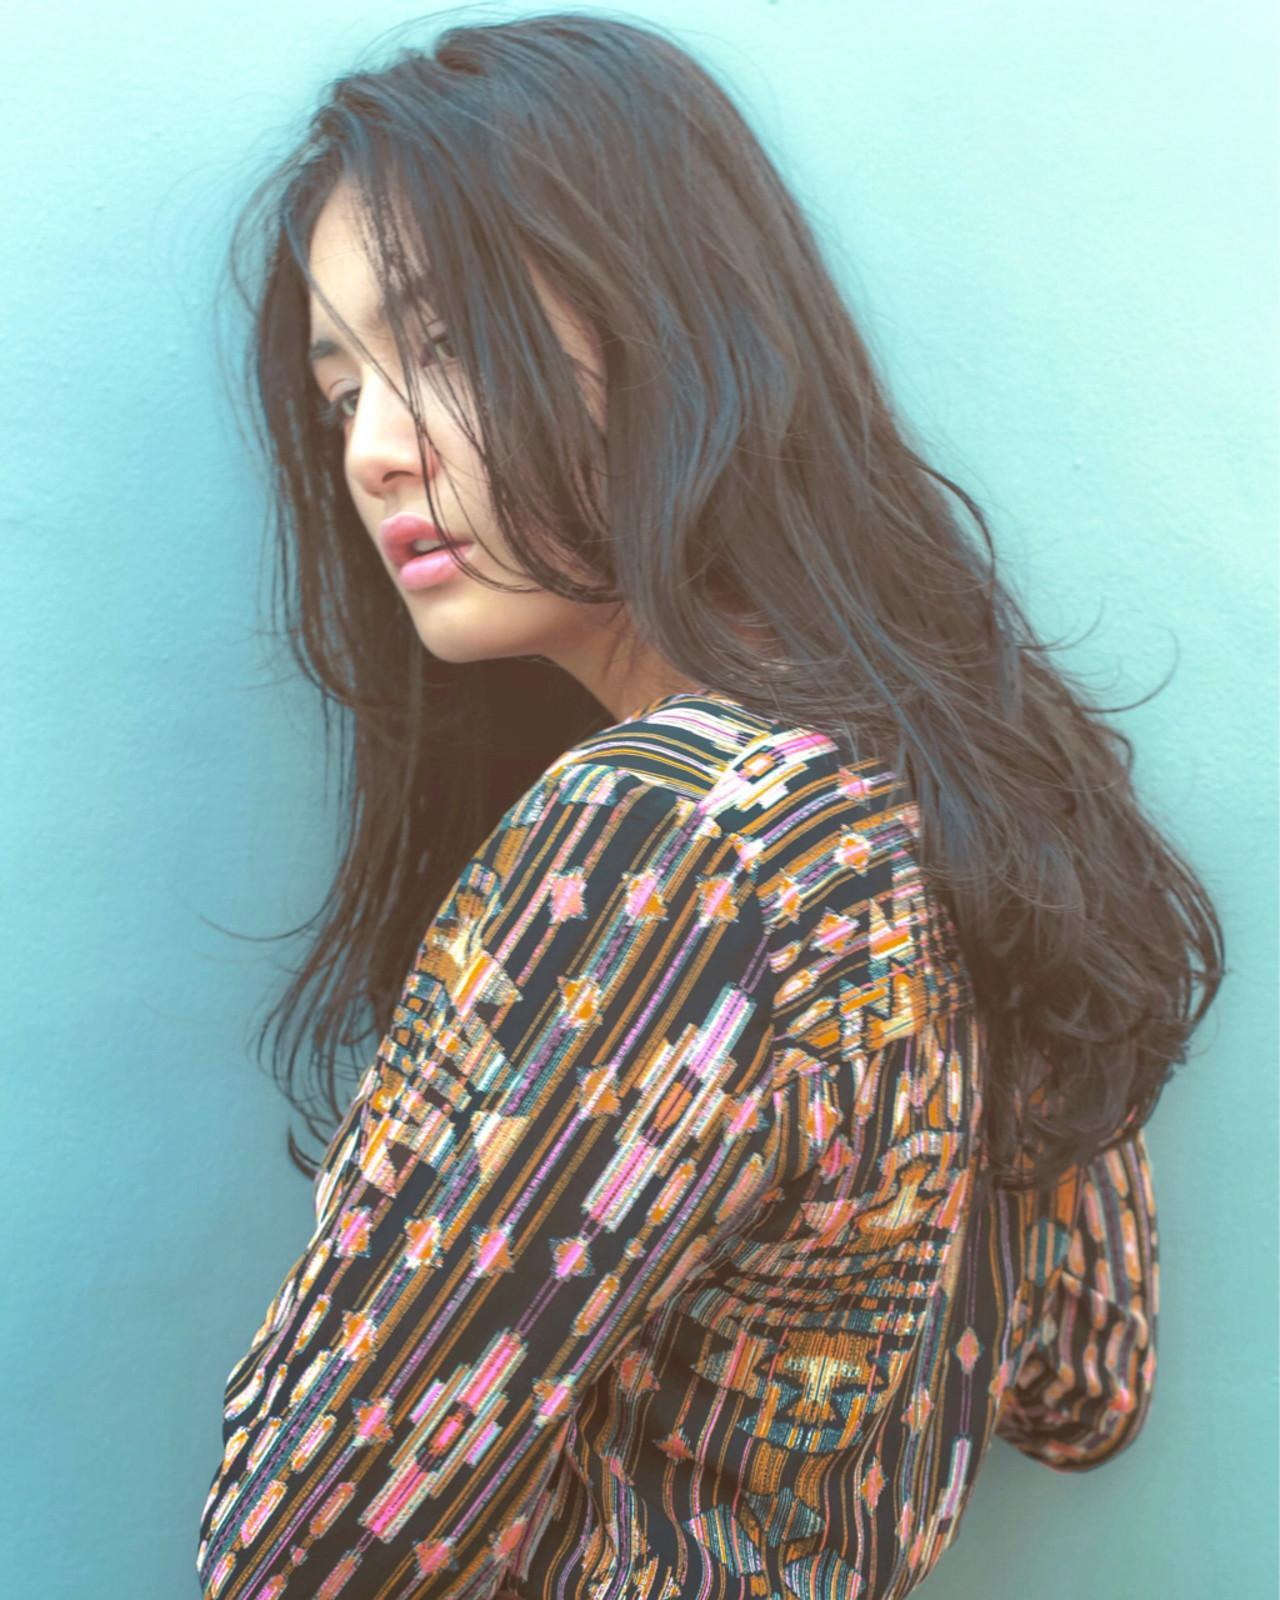 【2017年春夏ヘアカタログ】ナチュラルで媚びてない女性らしさが魅力の髪型特集 河津佑輝